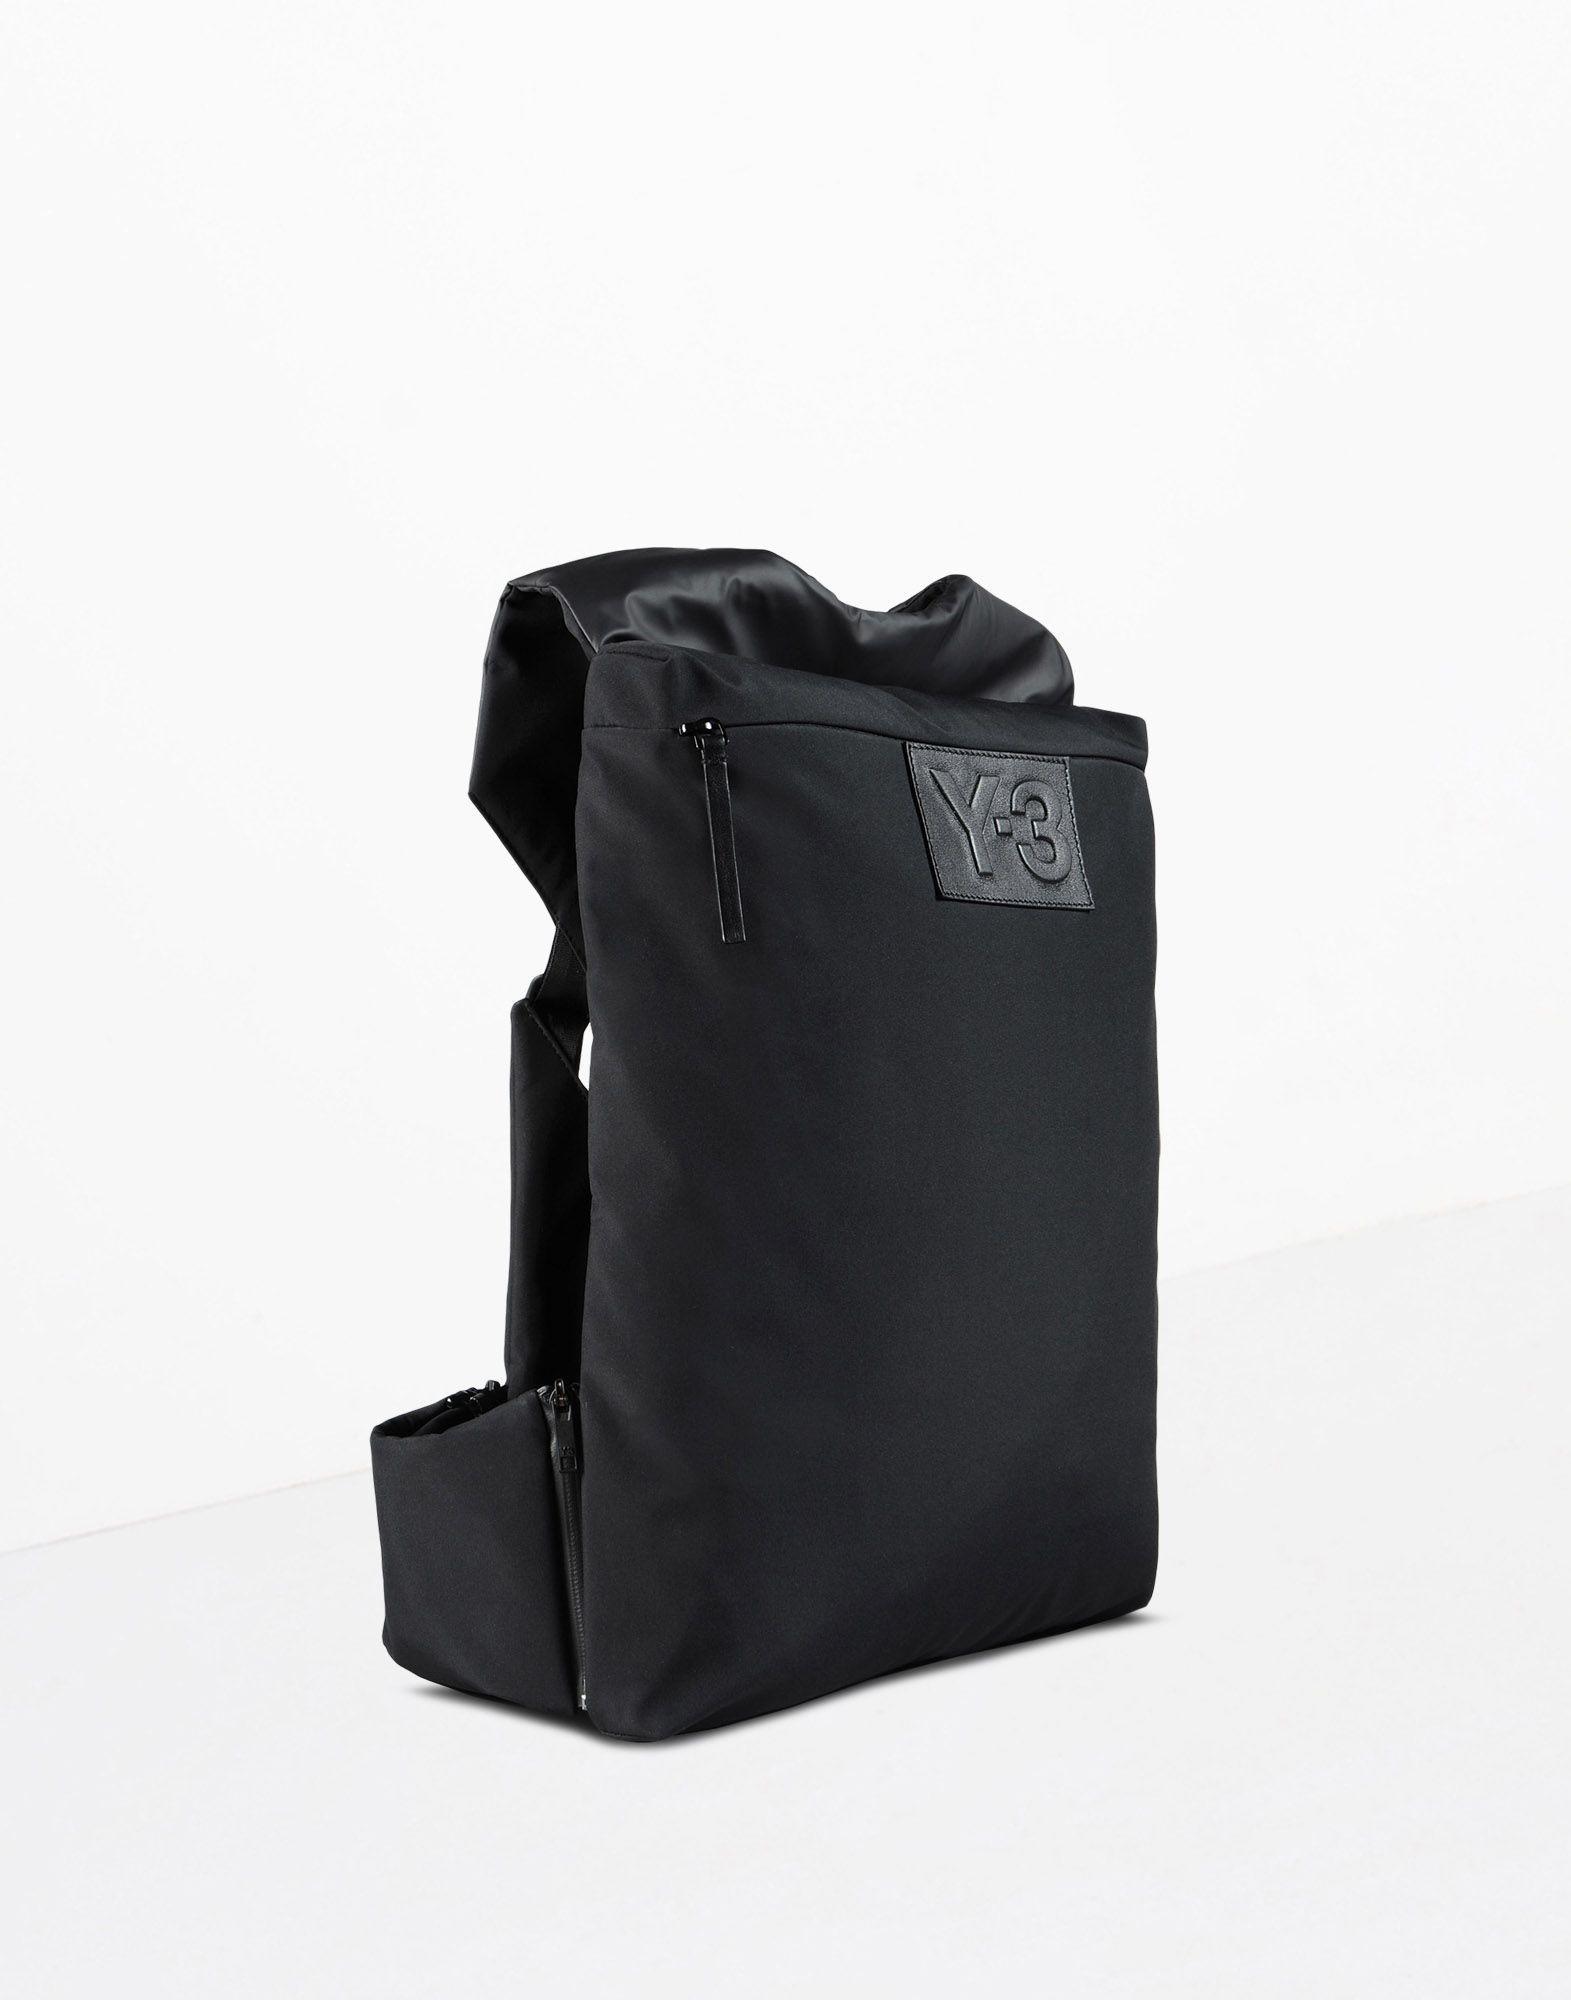 Y-3 QASA VEST BAGS unisex Y-3 adidas  298569c932090